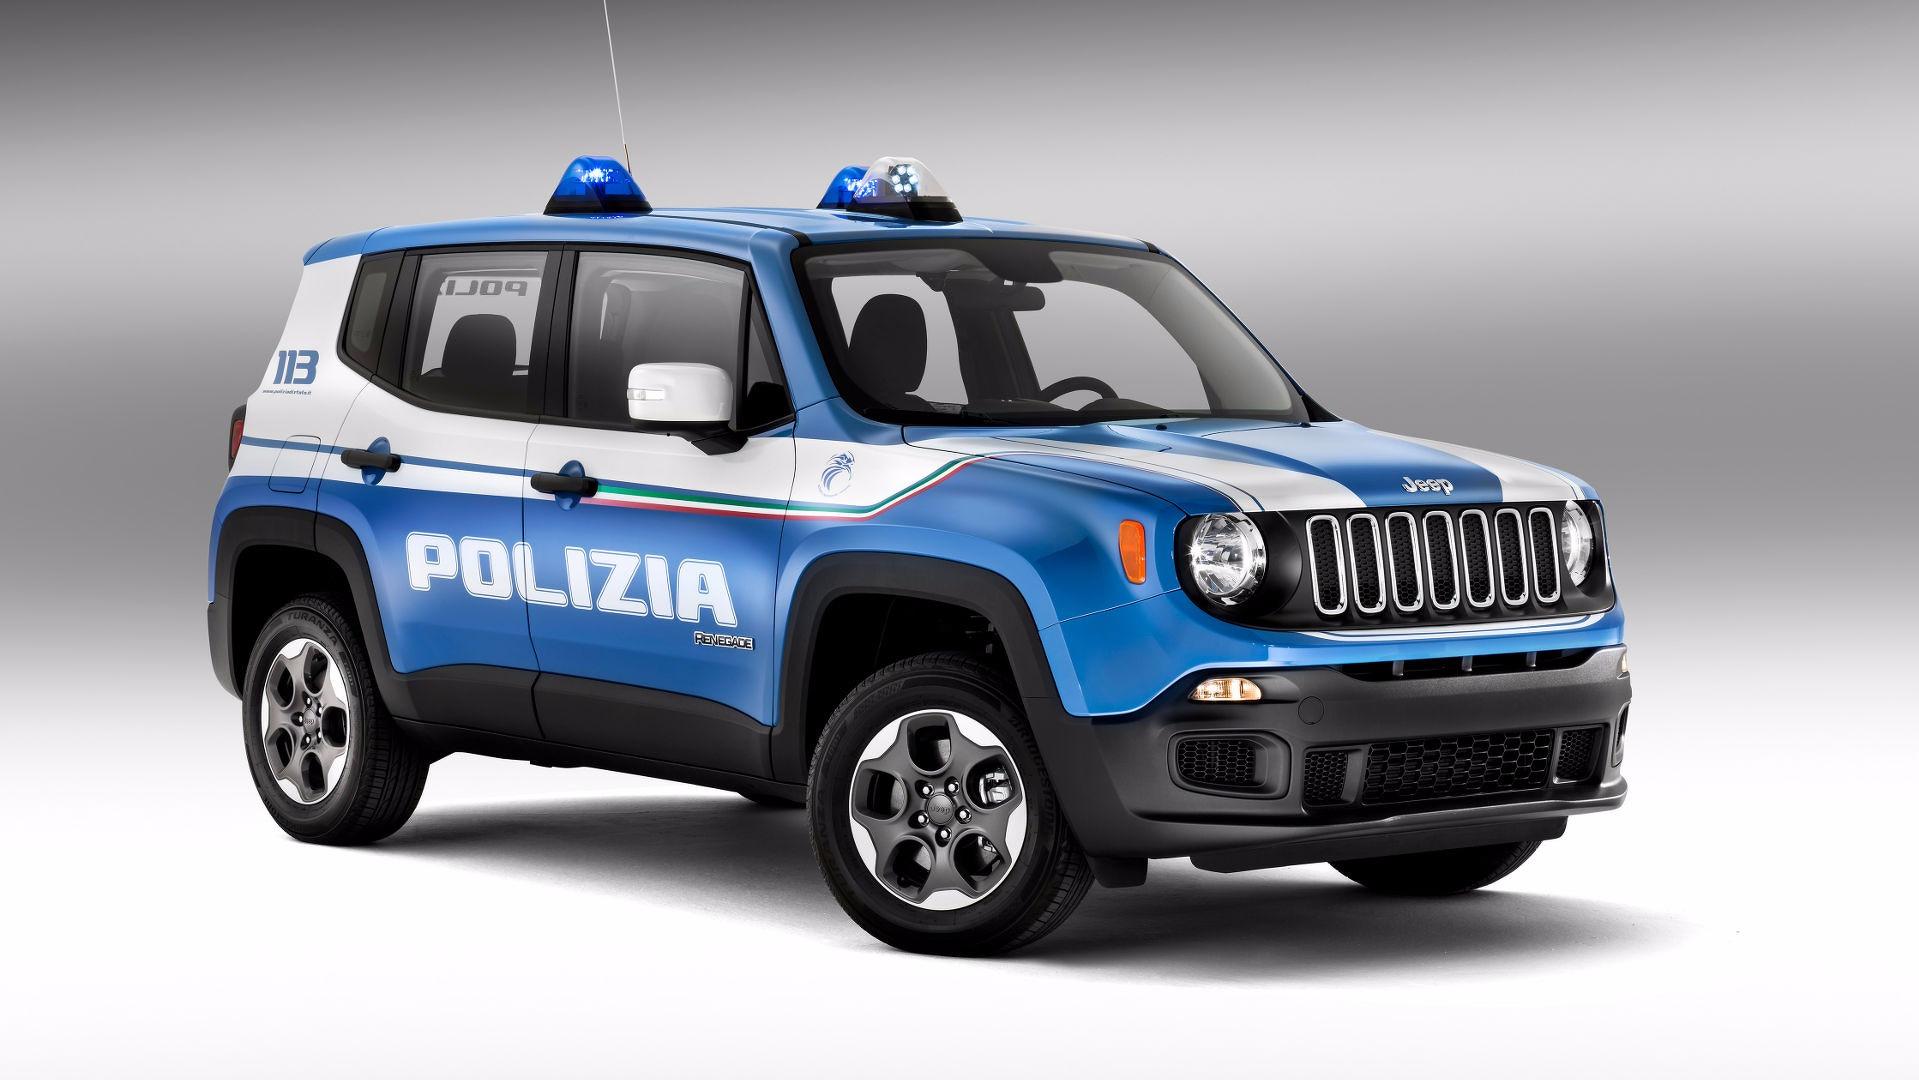 polizia-di-stato-alfa-romeo-giulia-giulietta-jeep-renegade-2.jpg